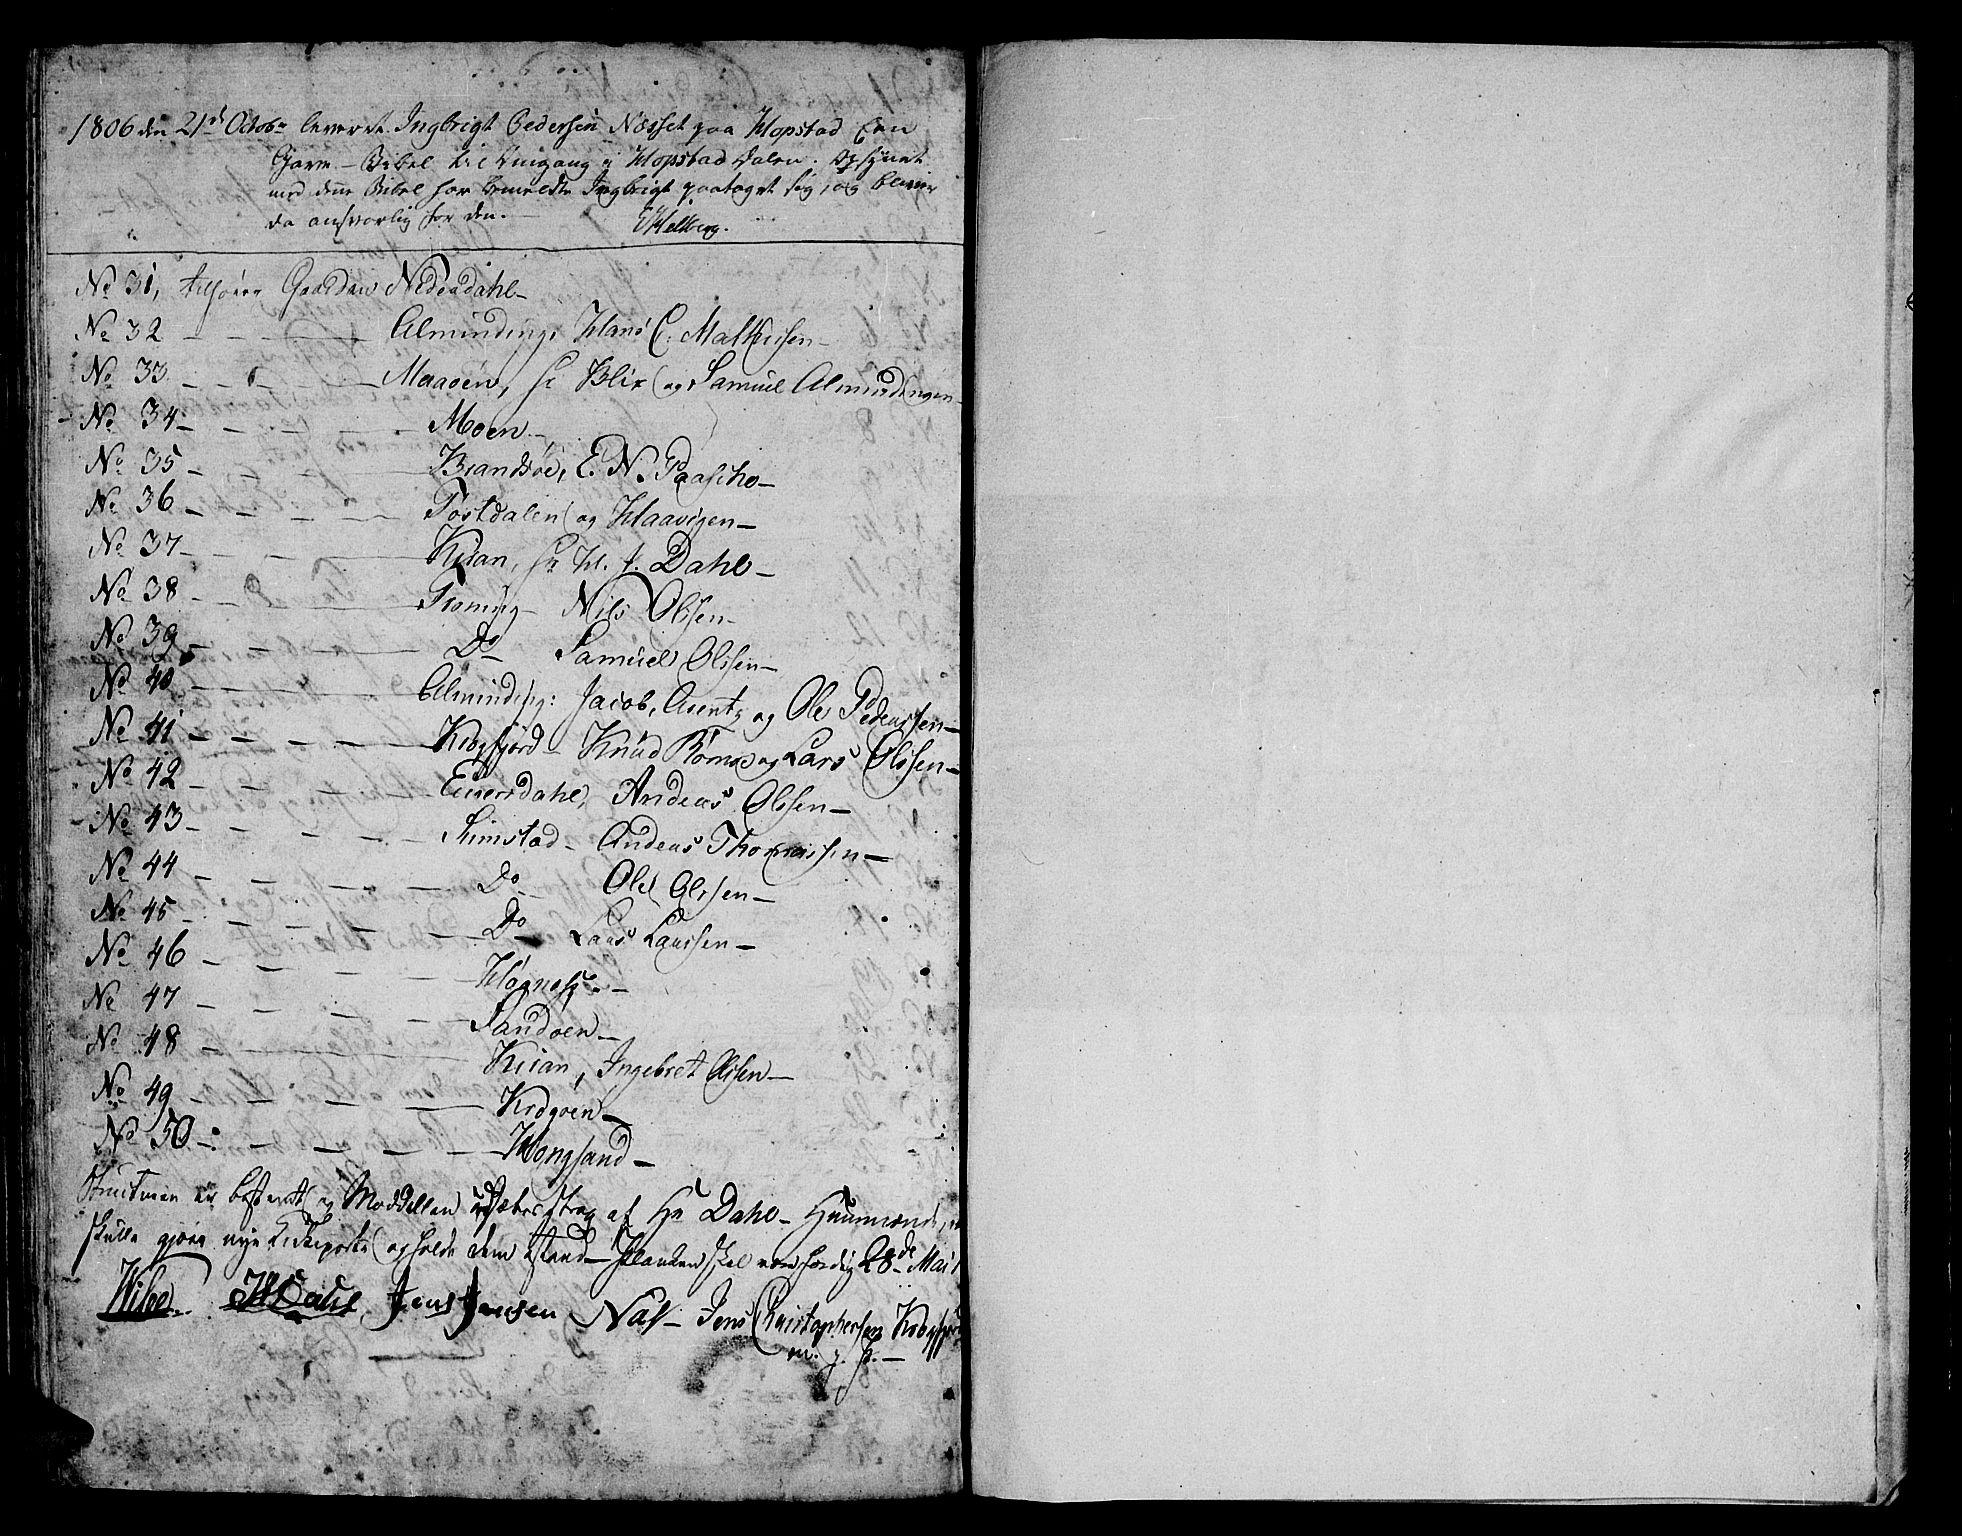 SAT, Ministerialprotokoller, klokkerbøker og fødselsregistre - Sør-Trøndelag, 657/L0701: Ministerialbok nr. 657A02, 1802-1831, s. 232